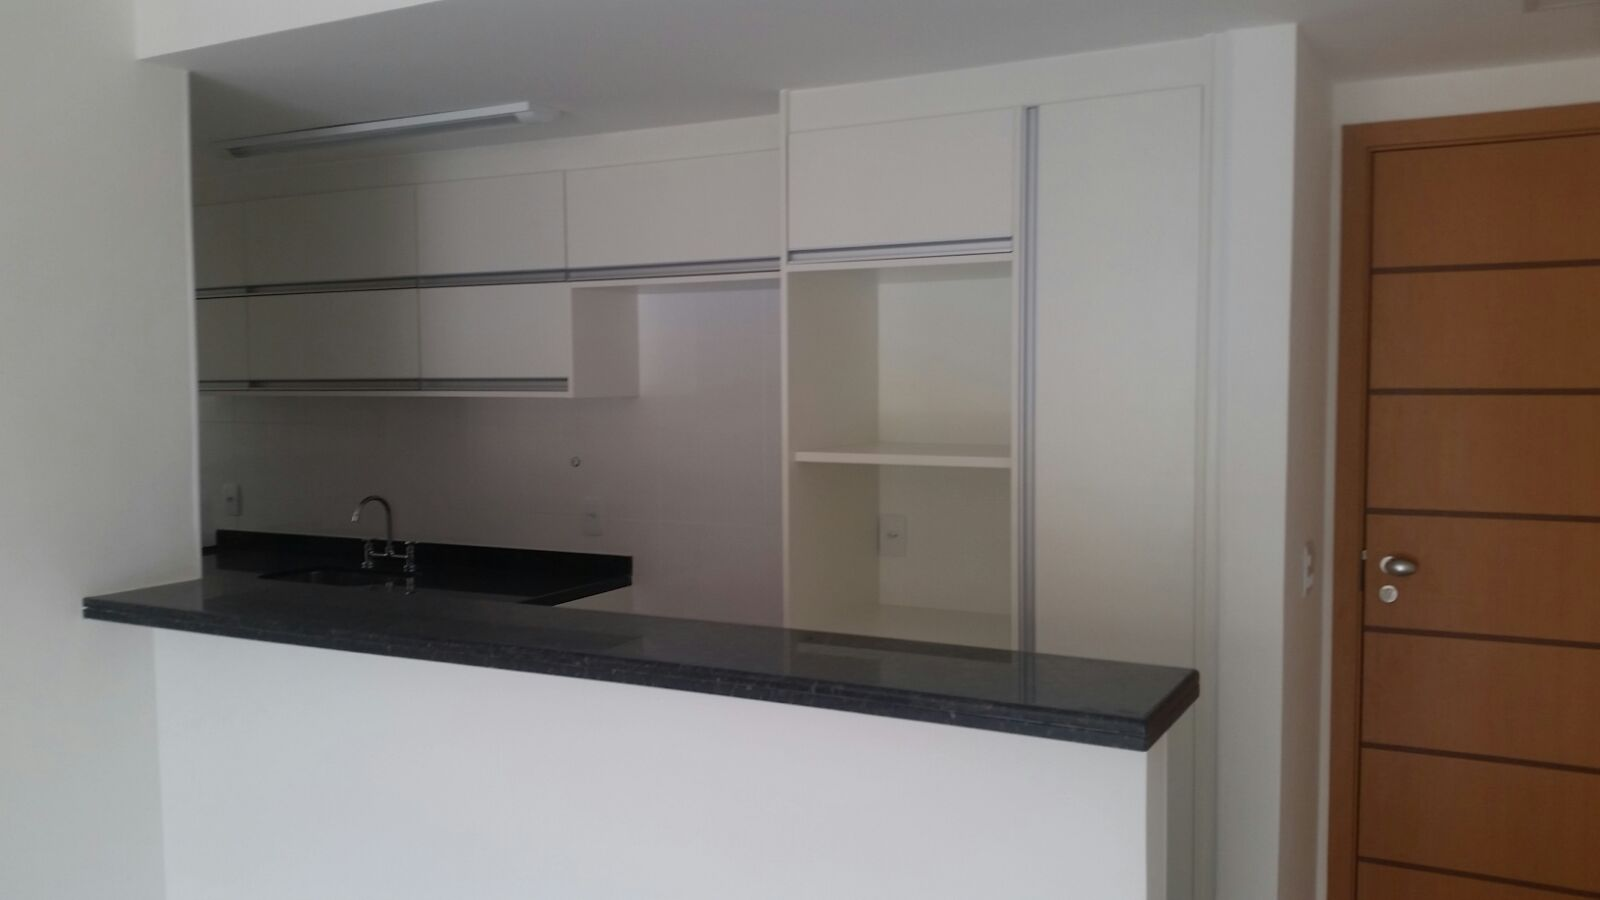 Adesivo De Gato Para Tomada ~ Armario Cozinha Planejado Apartamento # Beyato com